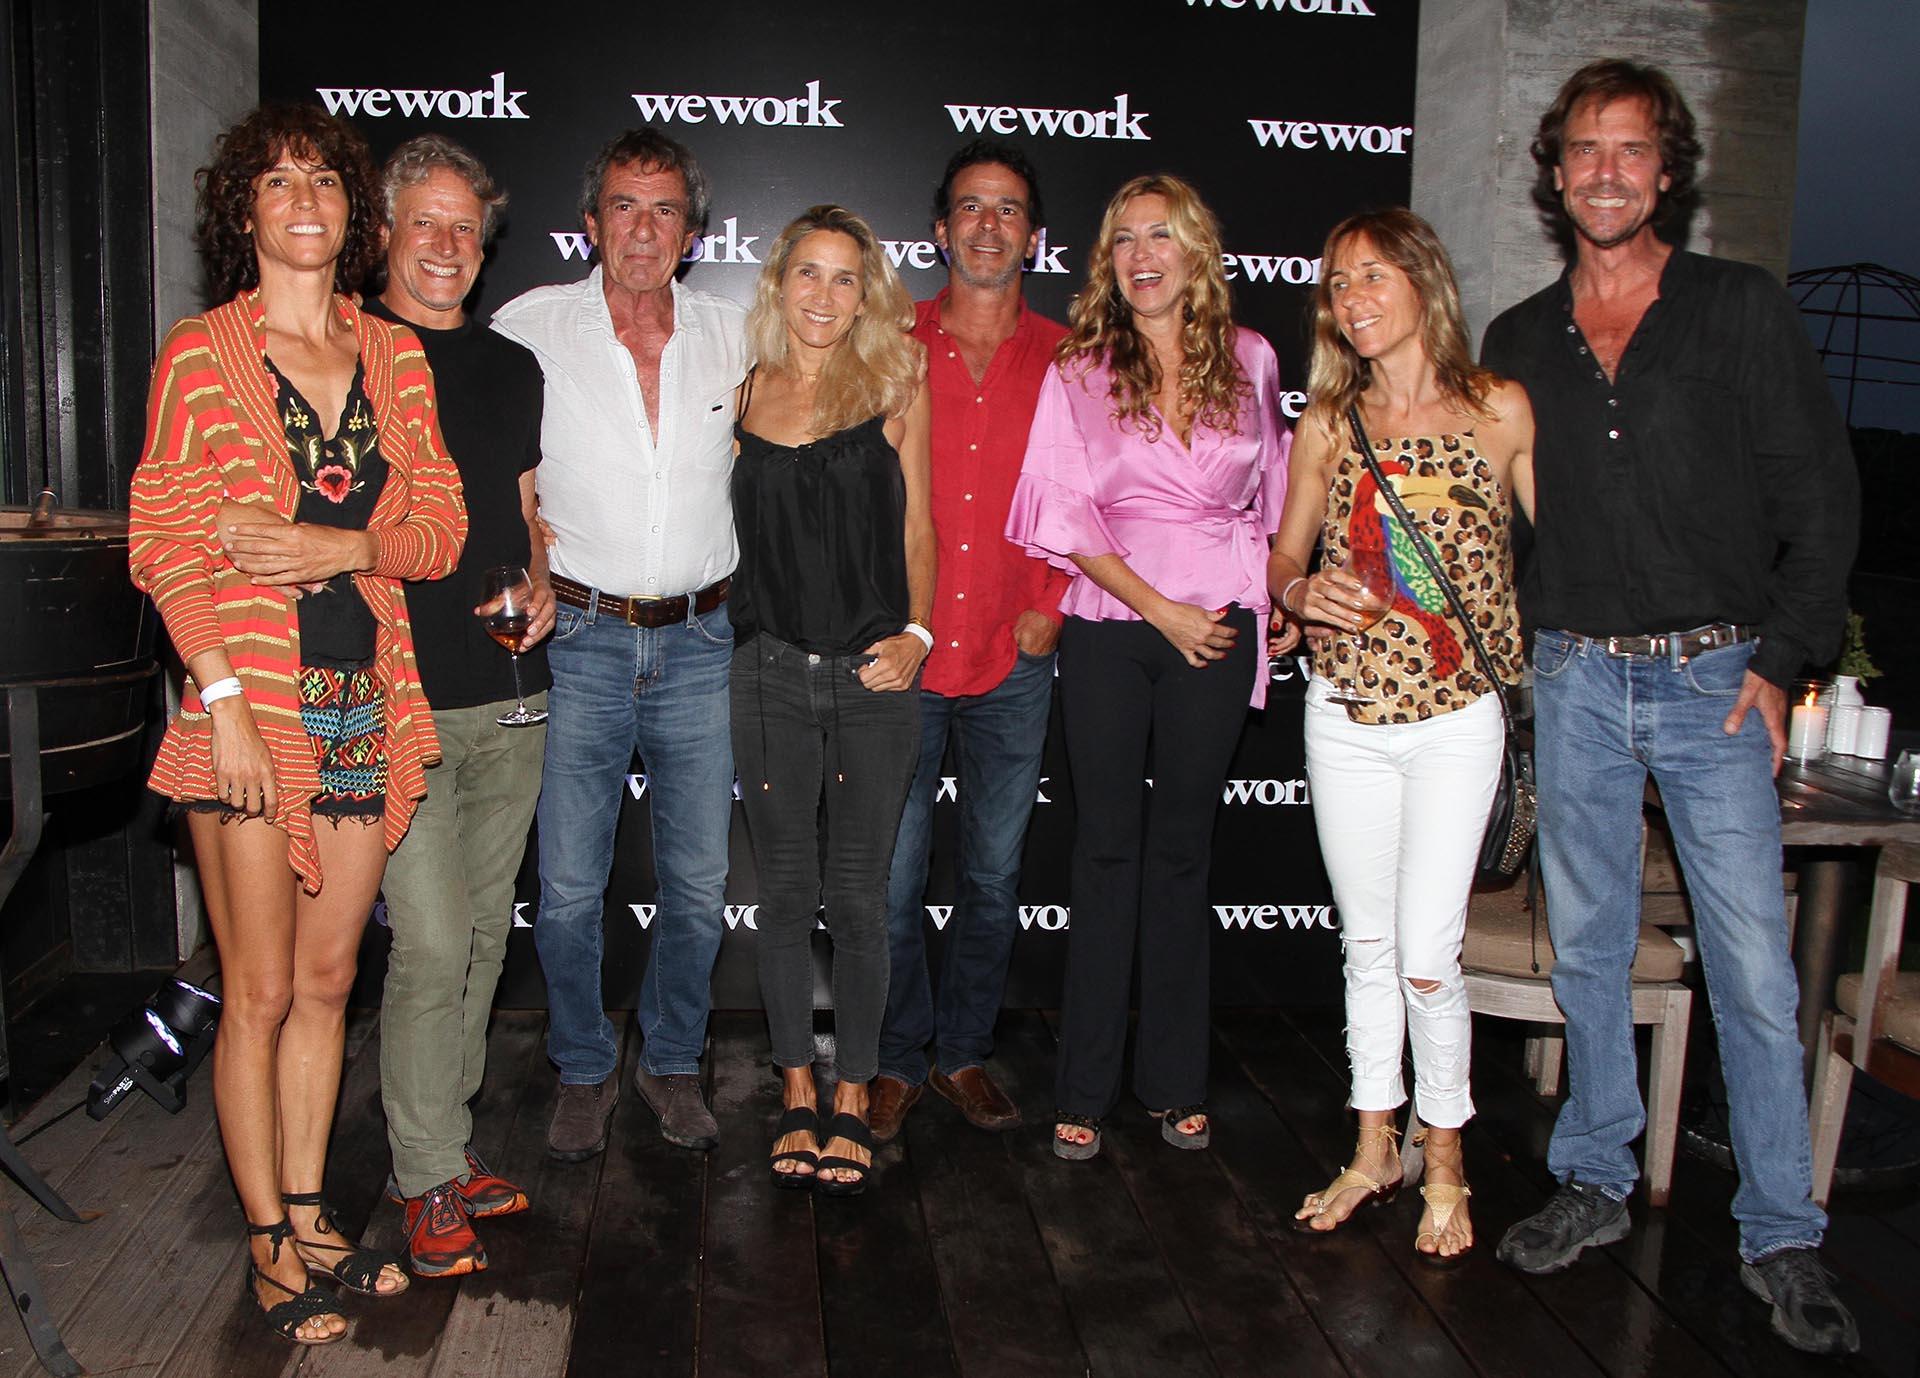 Lola Puig, Marcelo Yelos, Martín Tassara, Yiayia Puig y amigos en el gran evento, que se llevó a cabo en una bodega top de Garzón